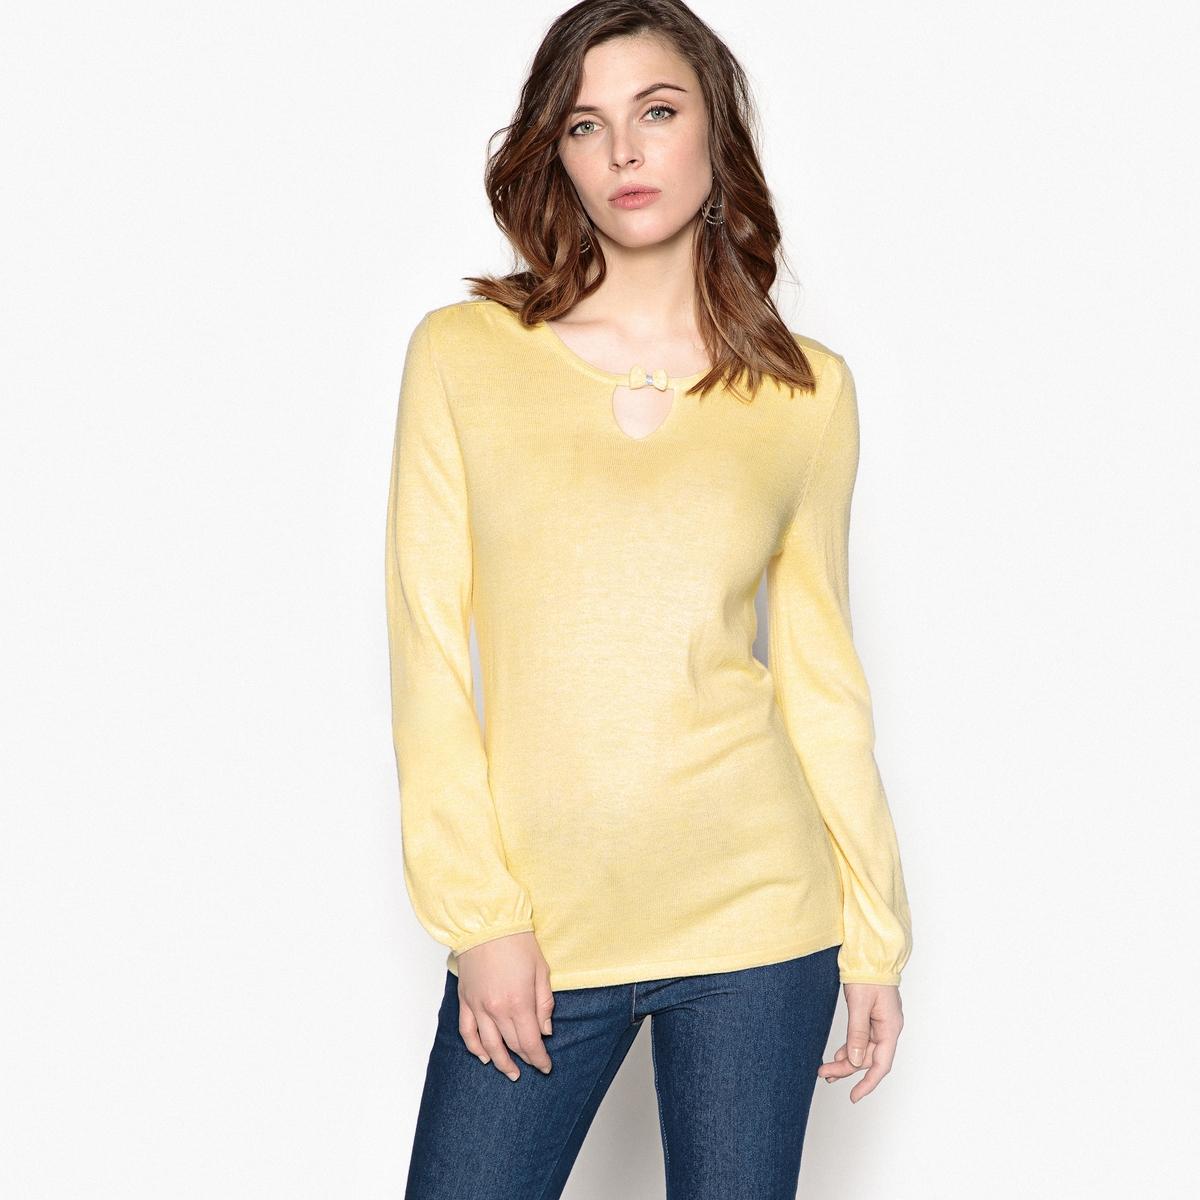 Imagen secundaria de producto de Jersey con cuello redondo y punto fino, 10% lana - Anne weyburn